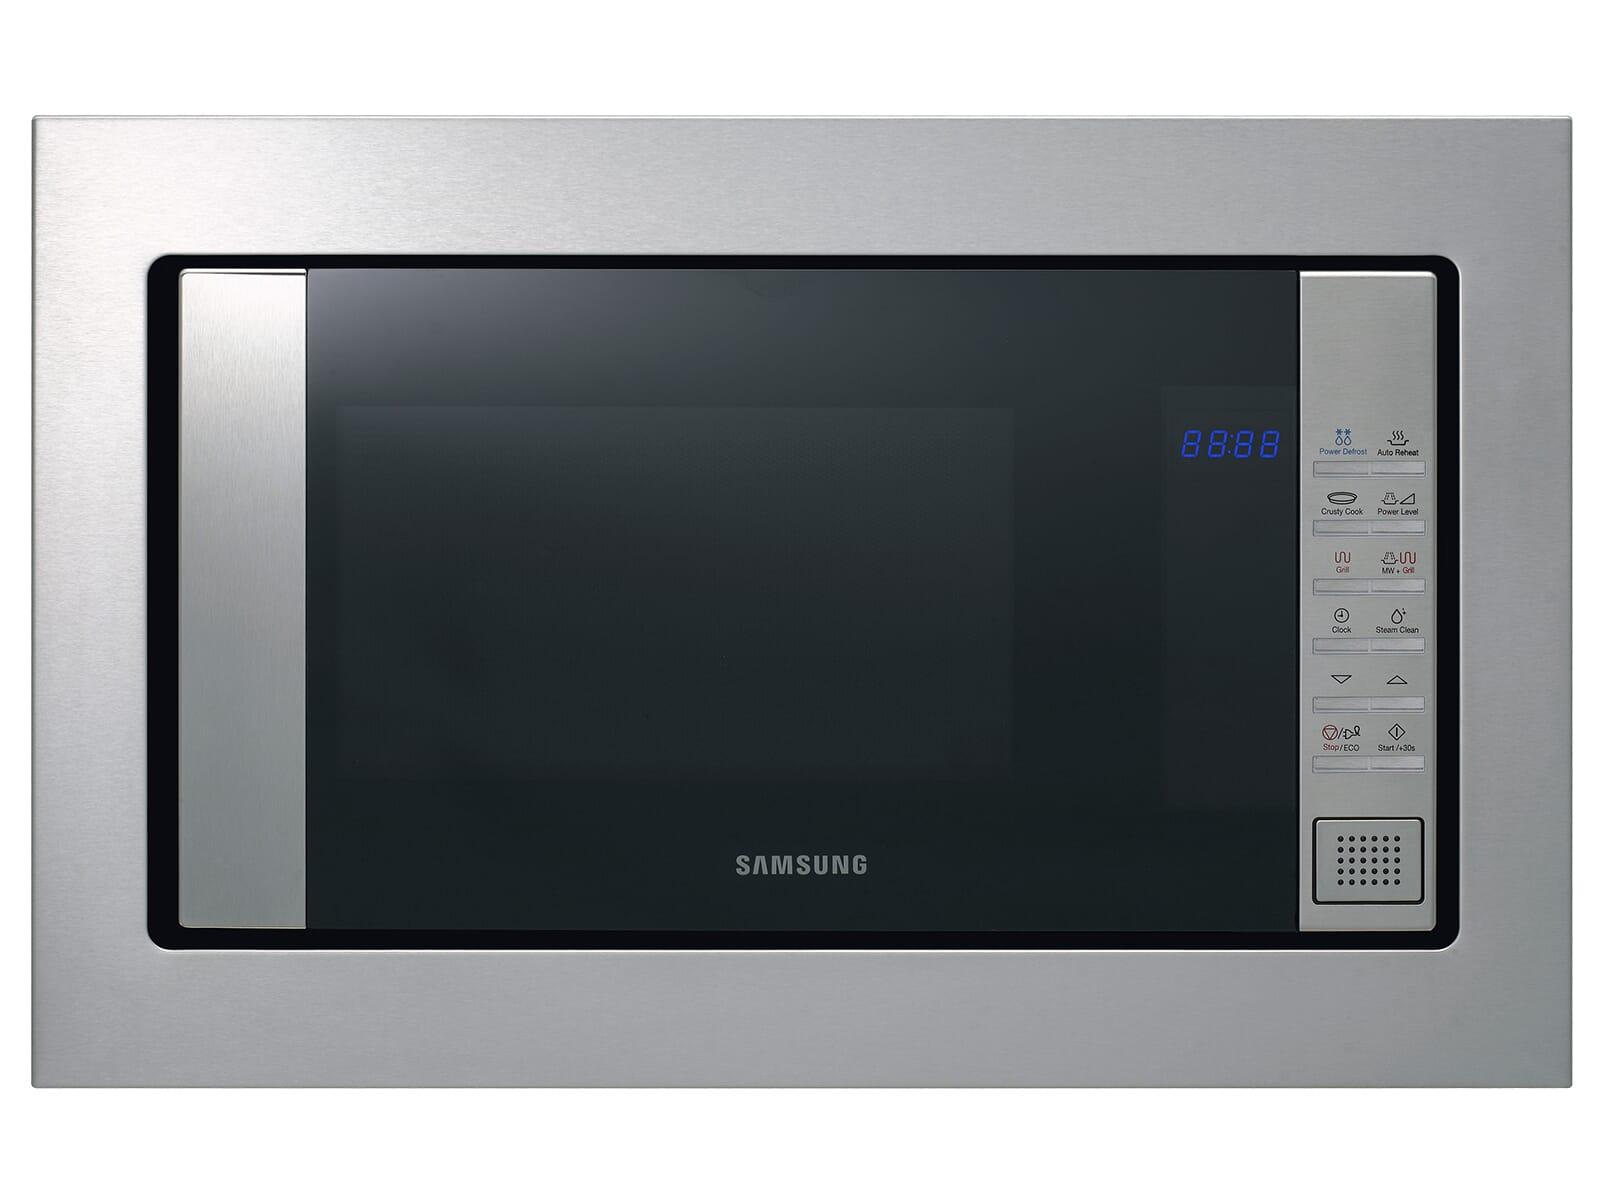 Samsung FG87SUST/EG Einbau-Mikrowelle mit Grill Silber